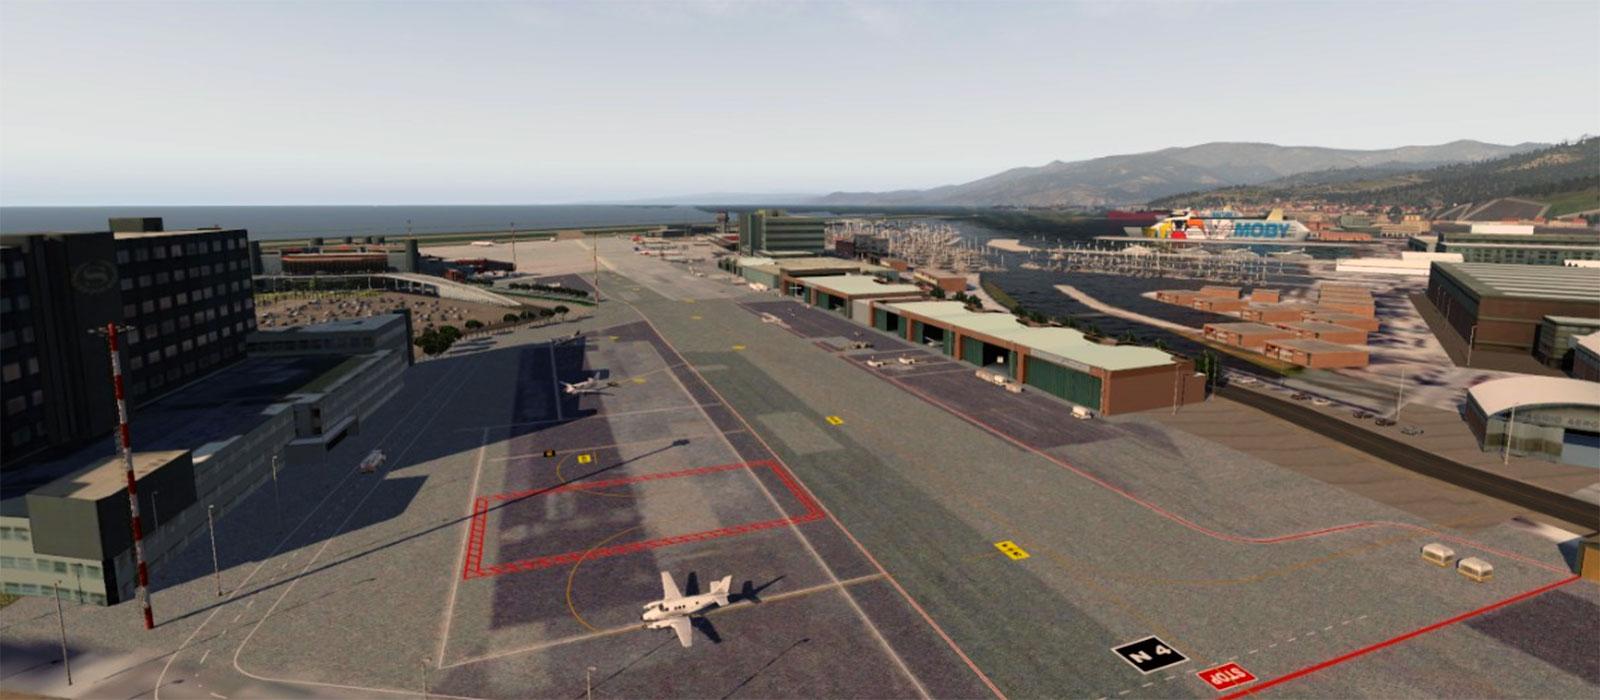 Genova Complete v2 Scenery for X-Plane 11 Released